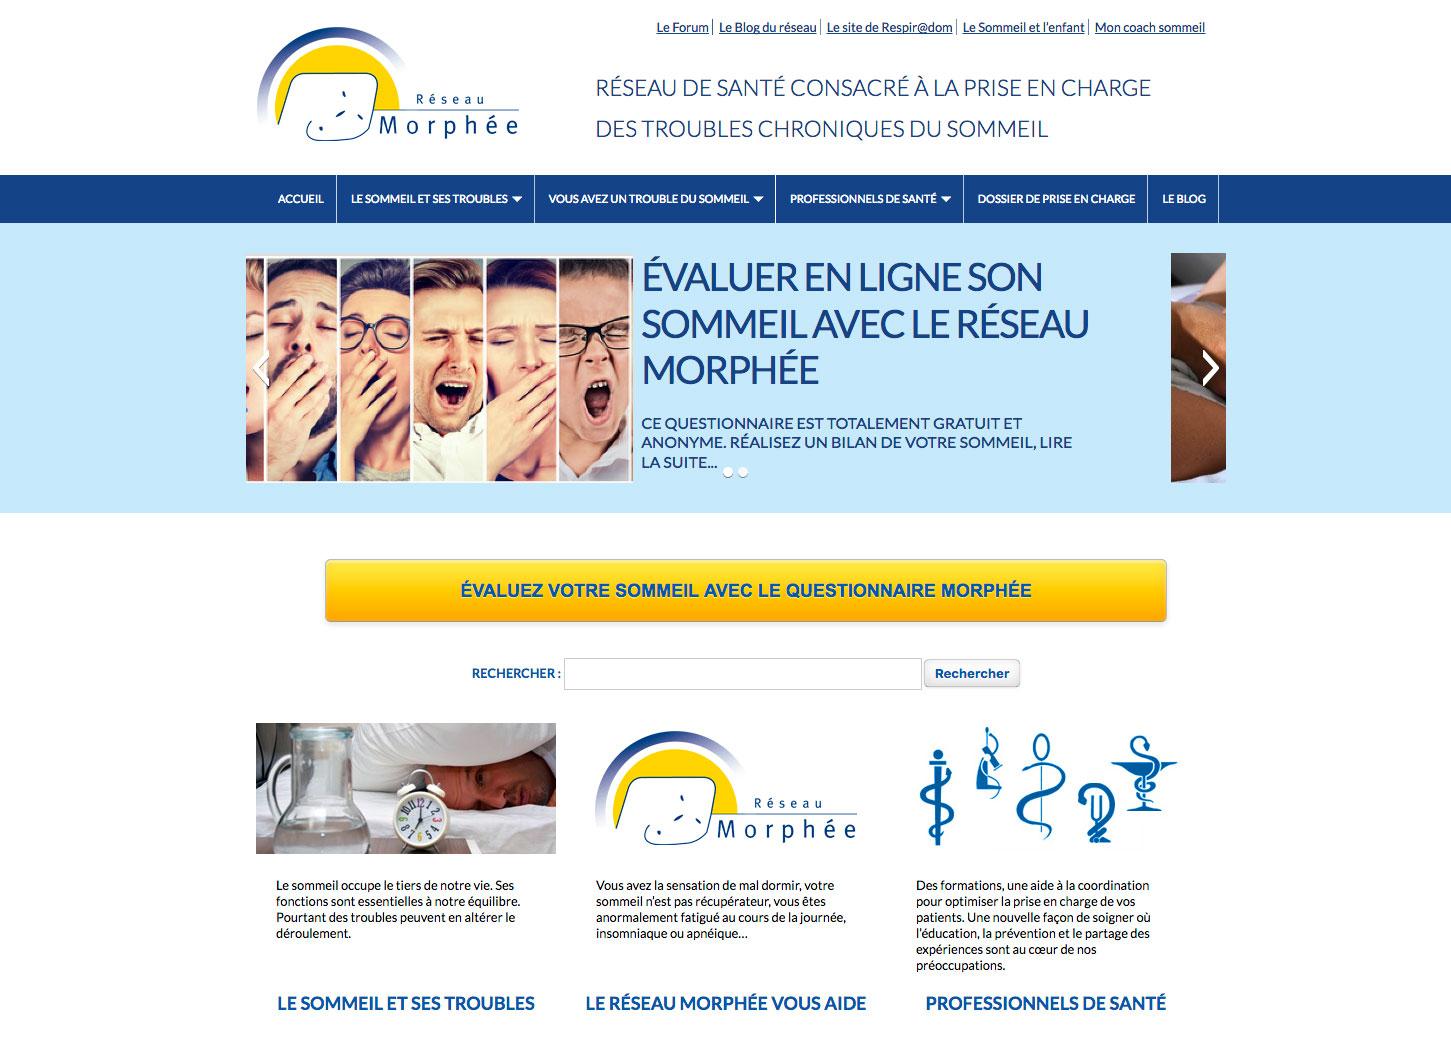 Refonte complète de site internet : Réseau Morphée